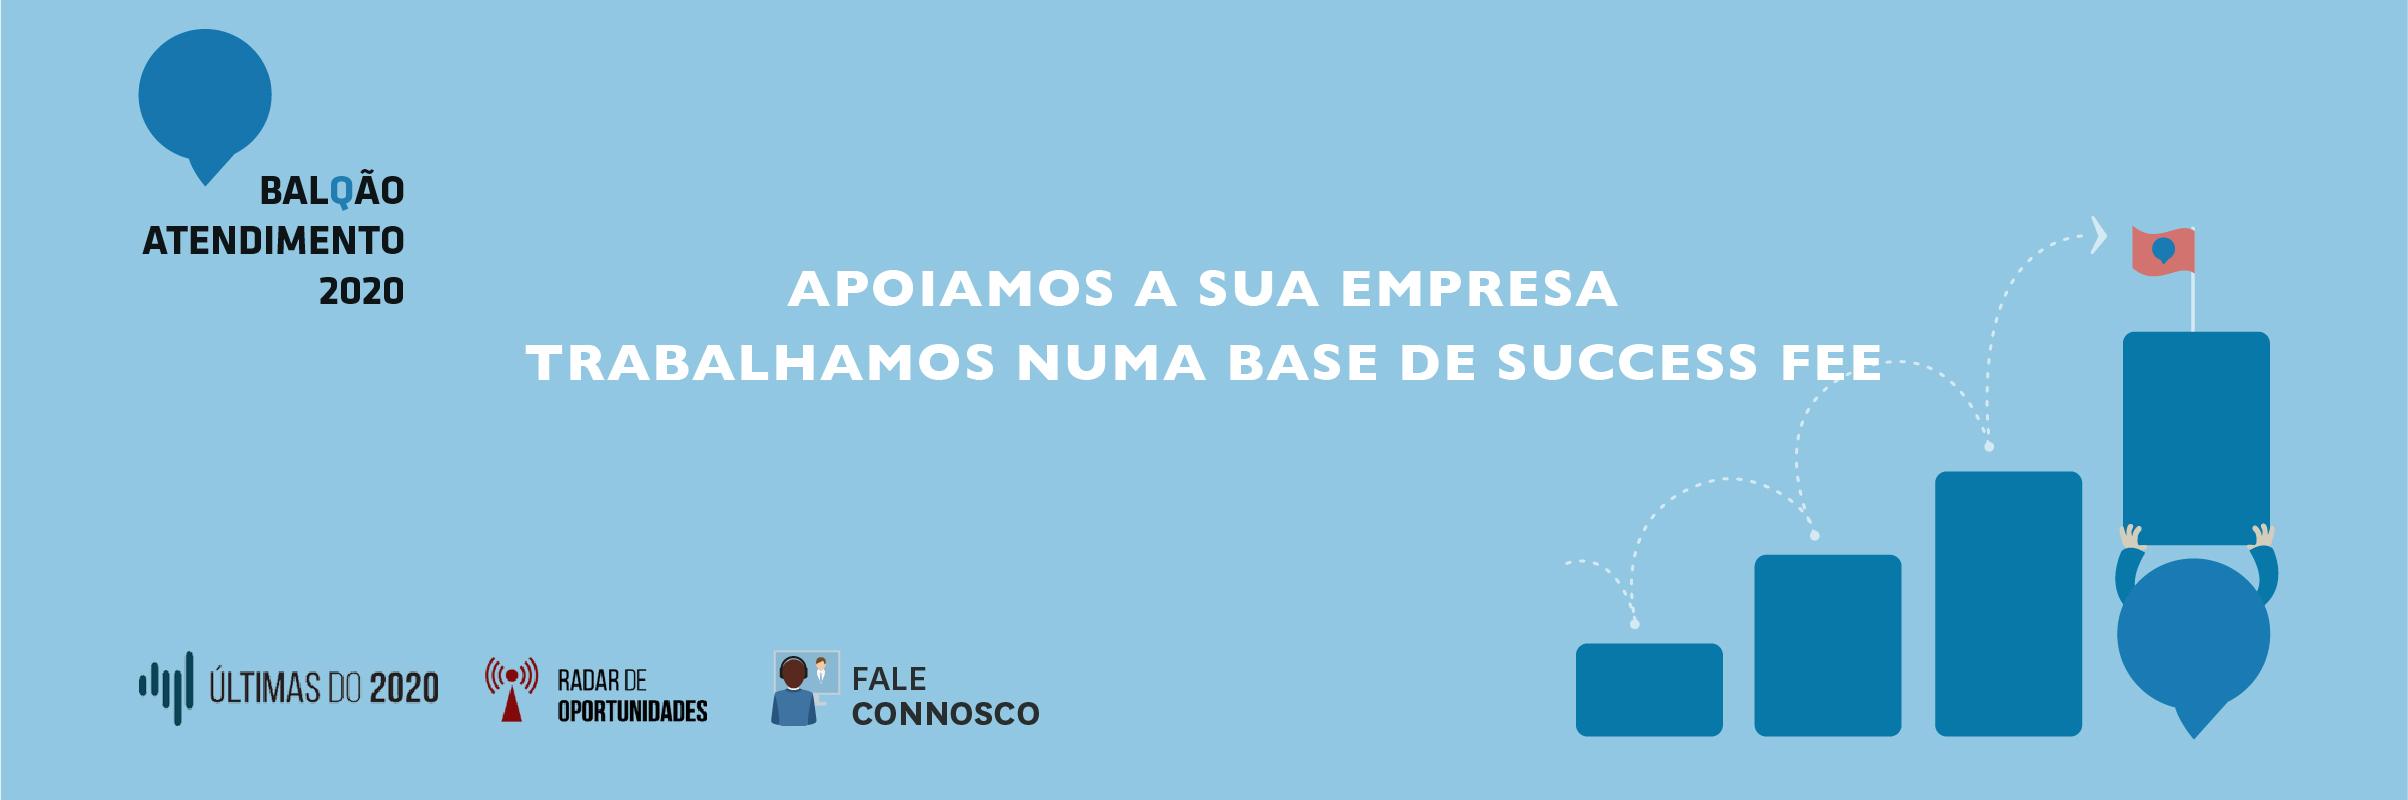 Final banner Balcao atendimento2020-01